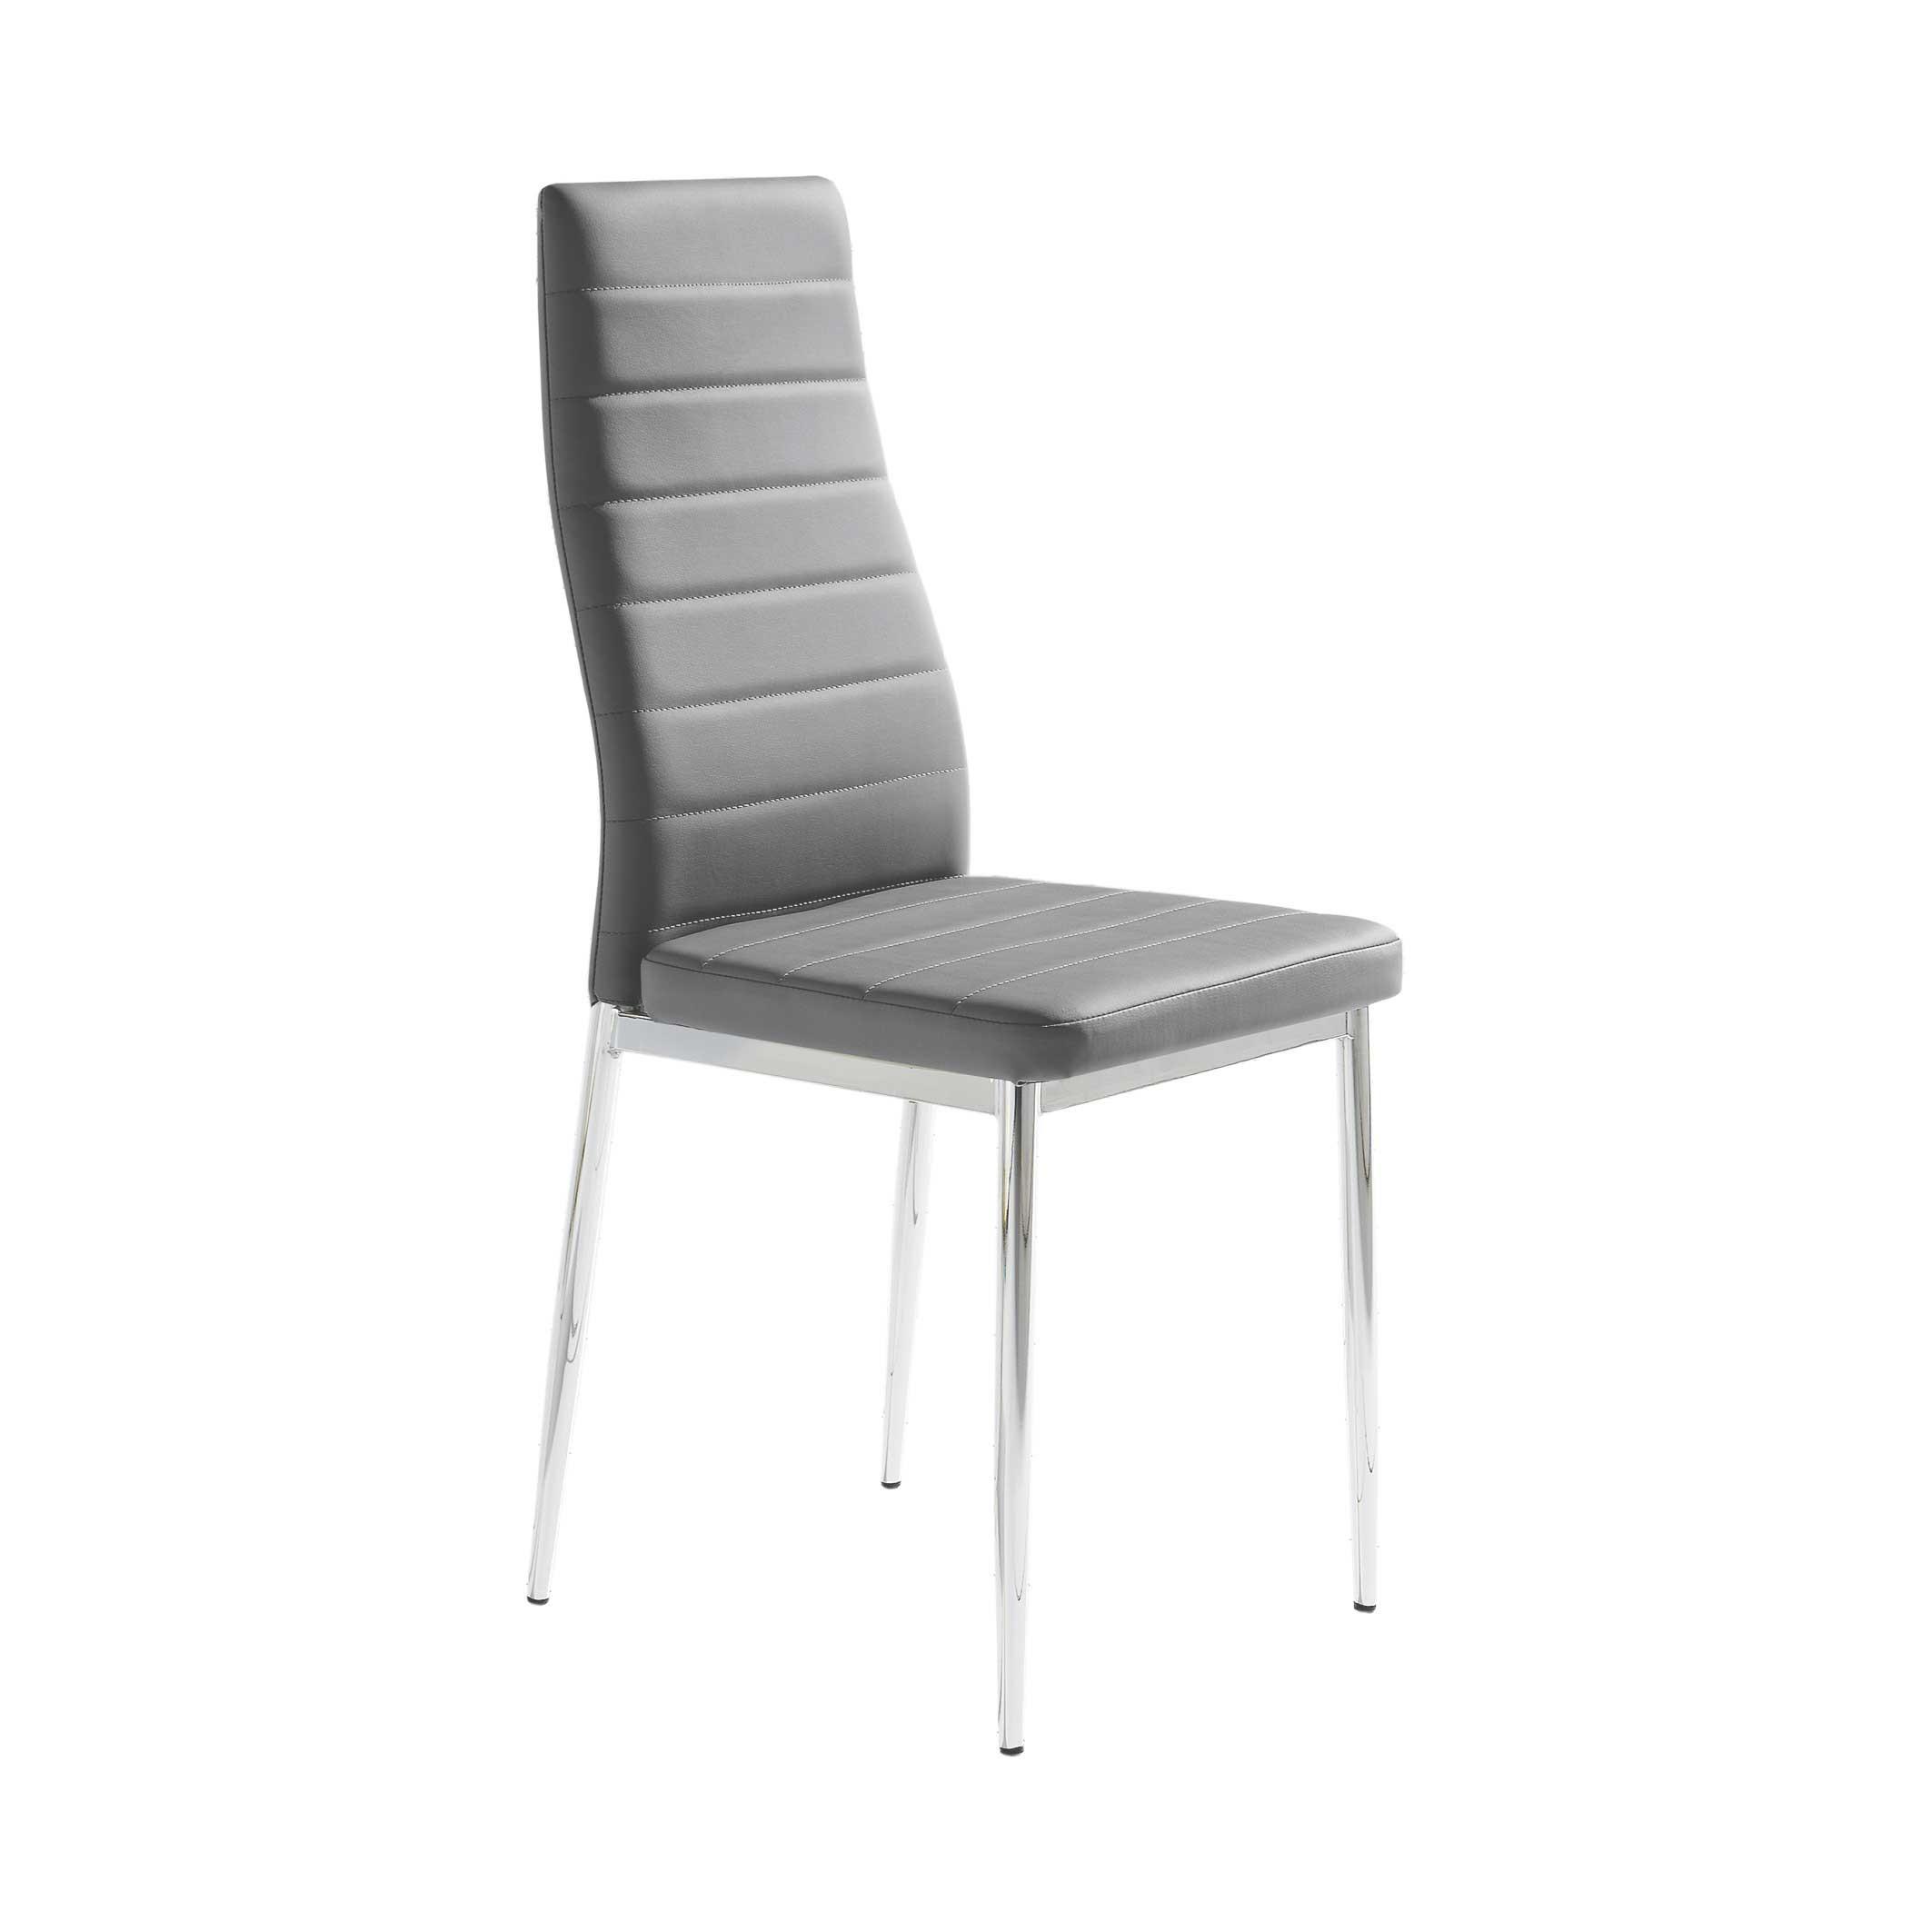 Pack 6 sillas polipiel color gris